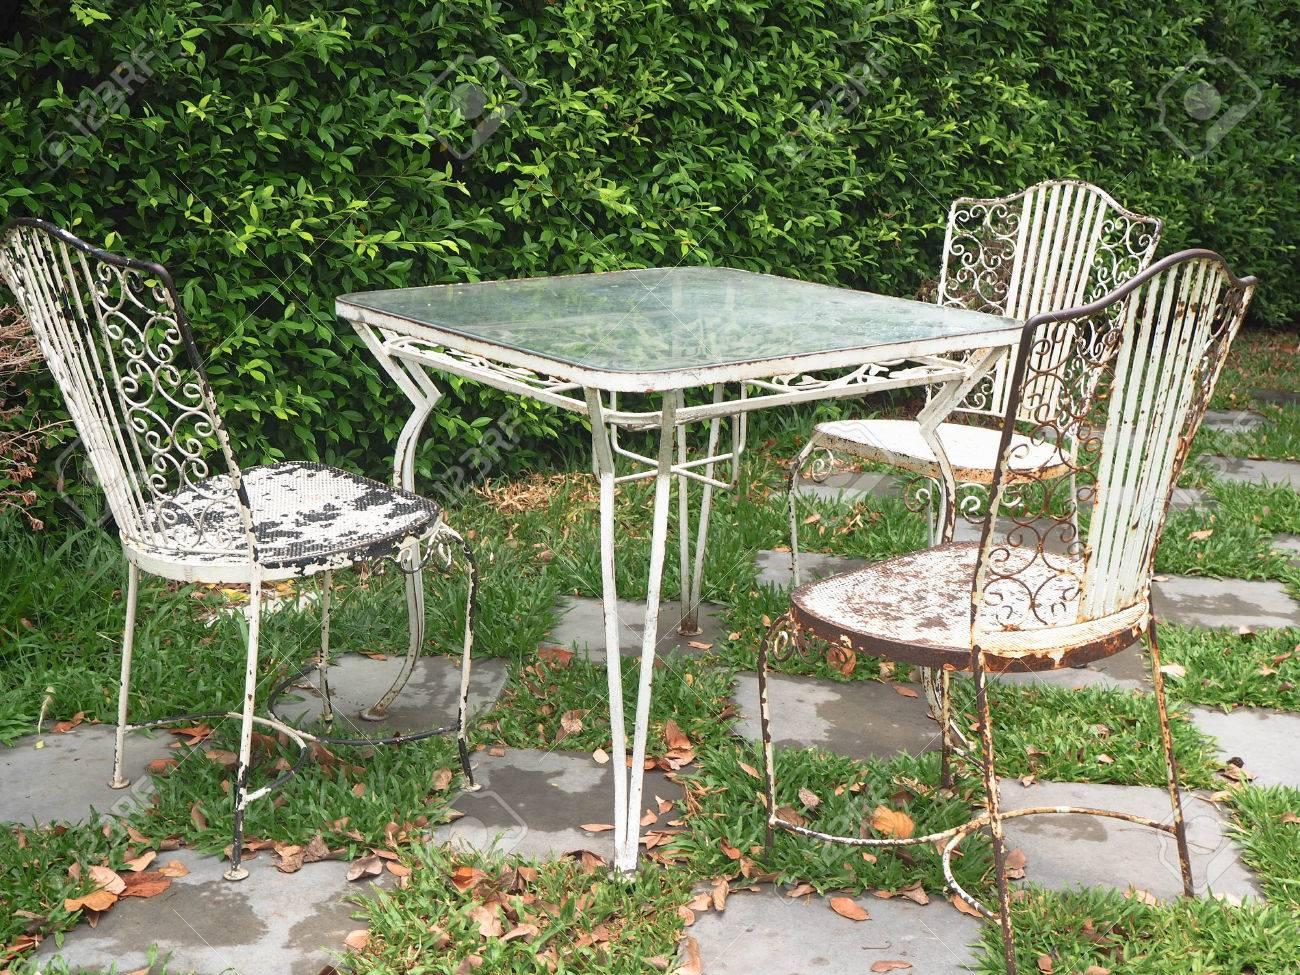 Ensemble vintage de table et chaises pour l\'extérieur dans le jardin